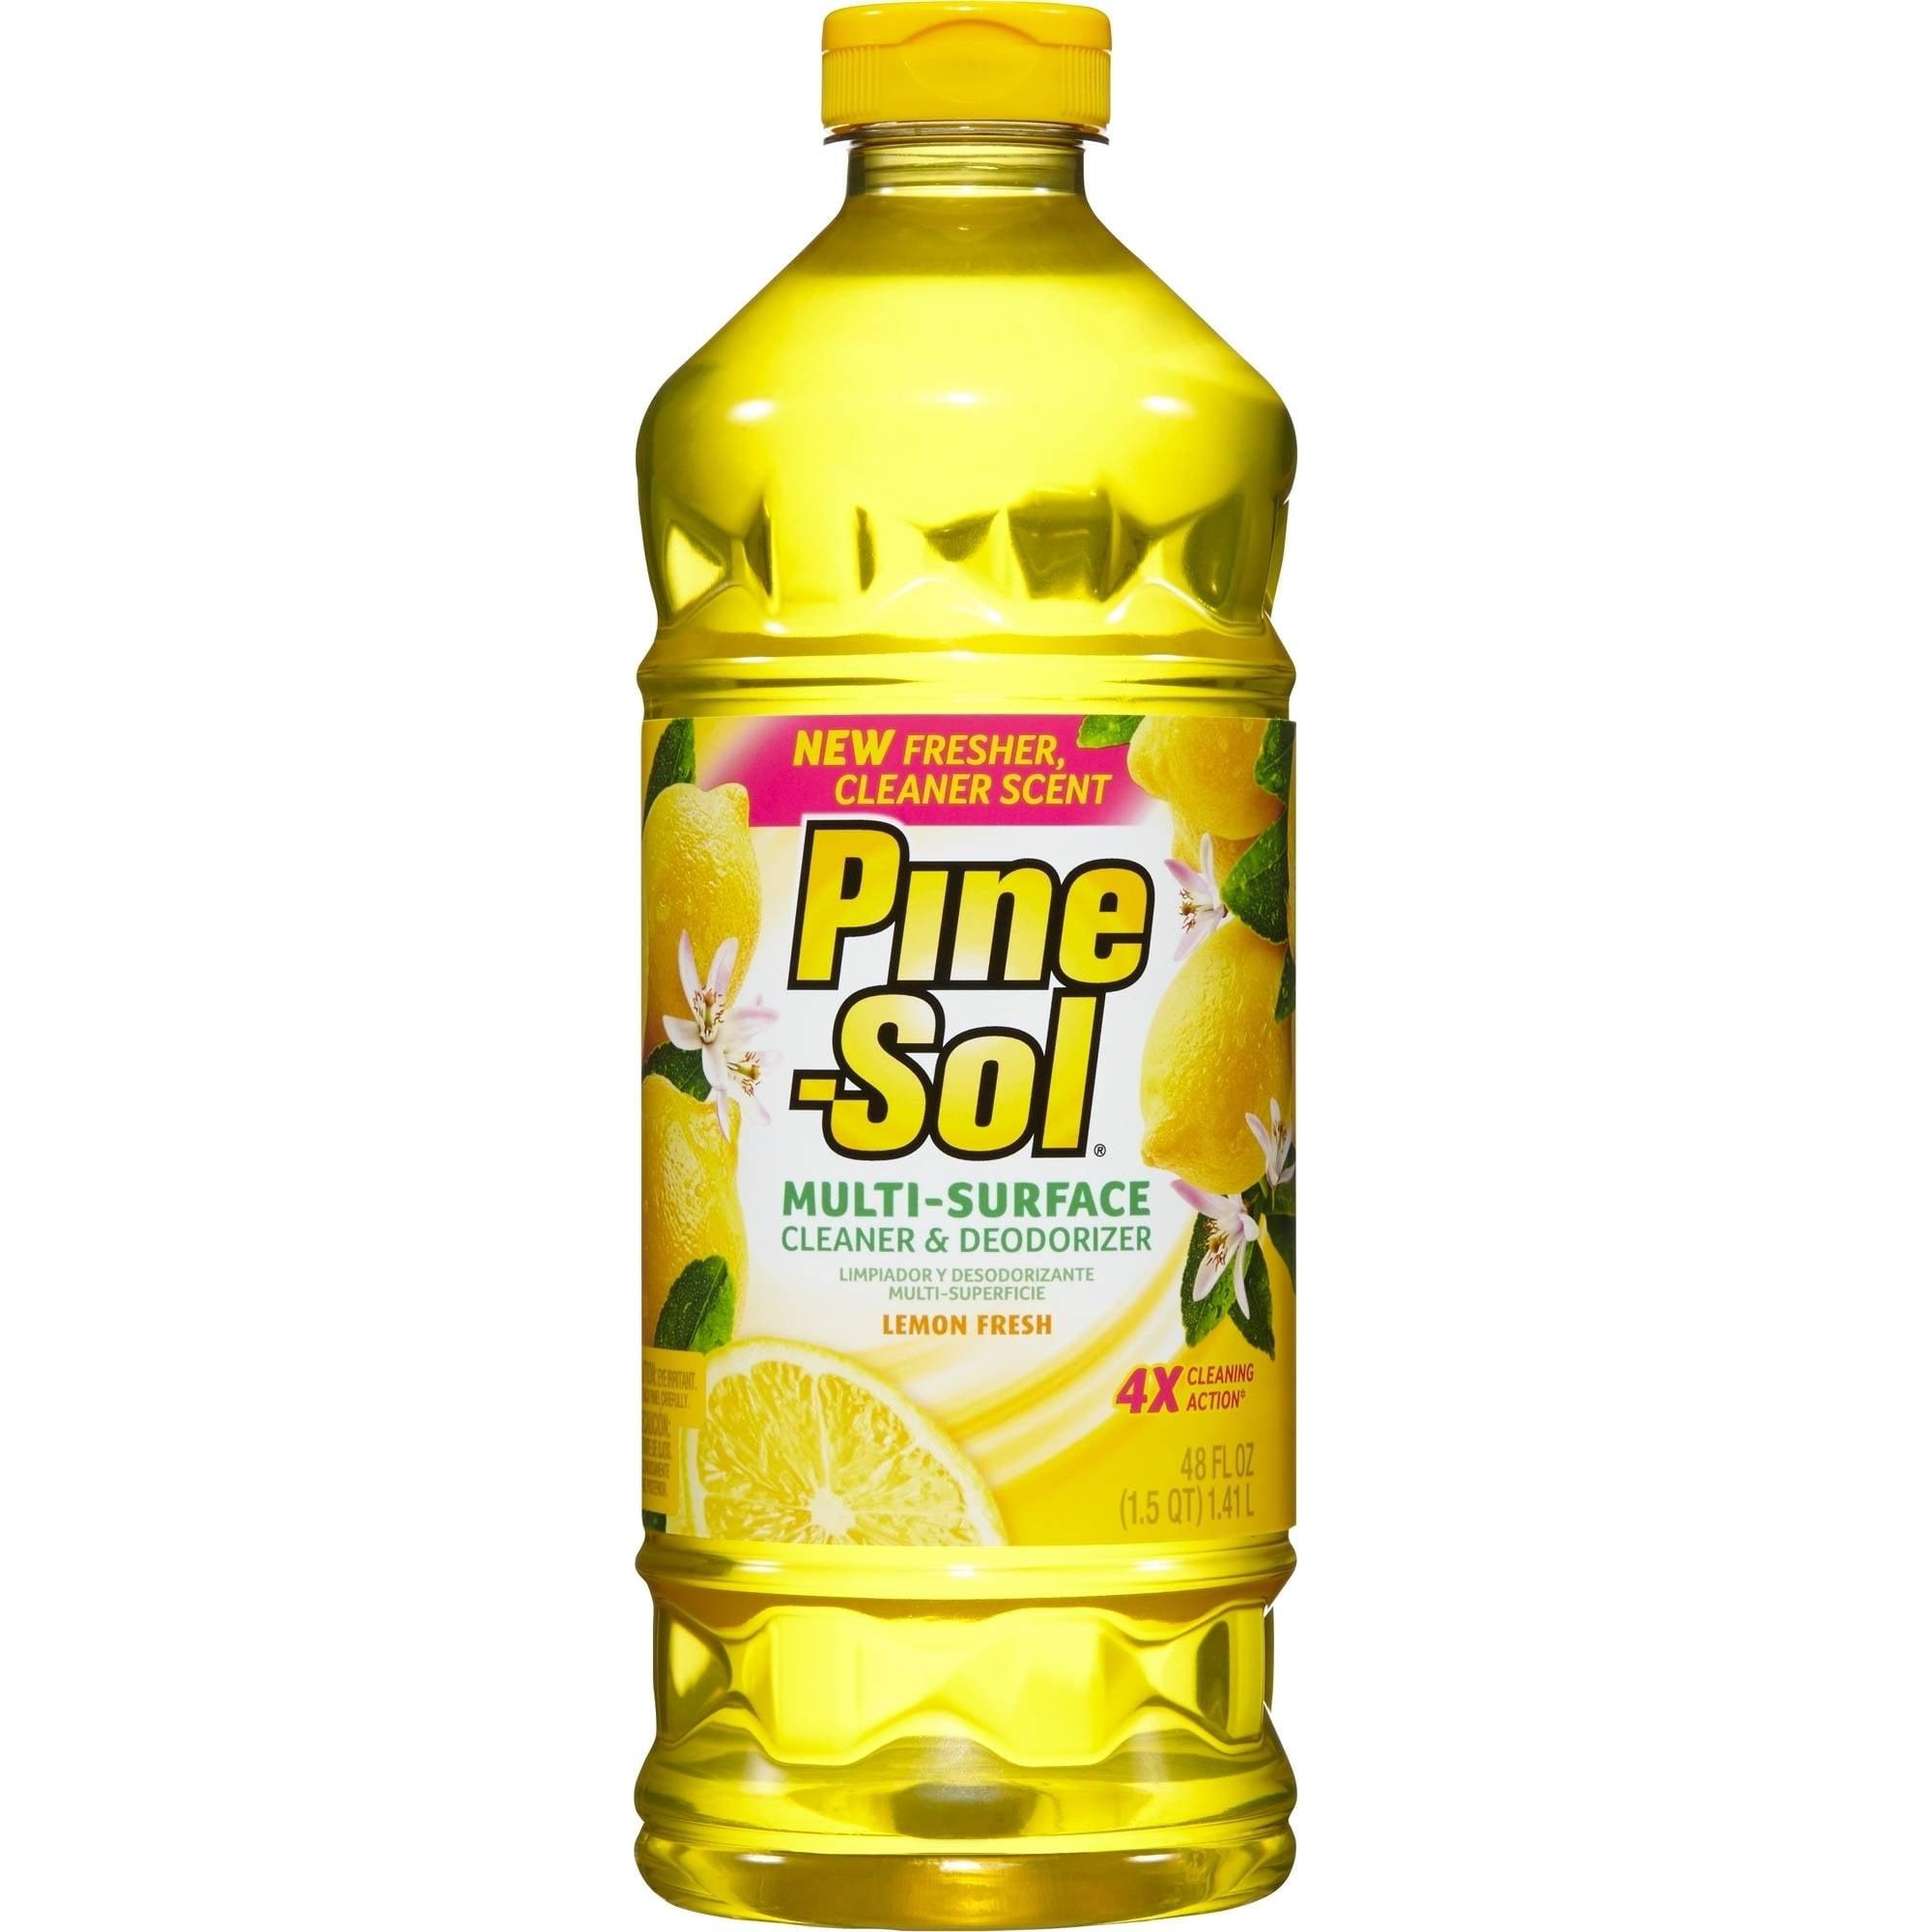 Pine-Sol Multi-Surface Cleaner, Lemon Fresh, 48 Fluid Ounce Bottle